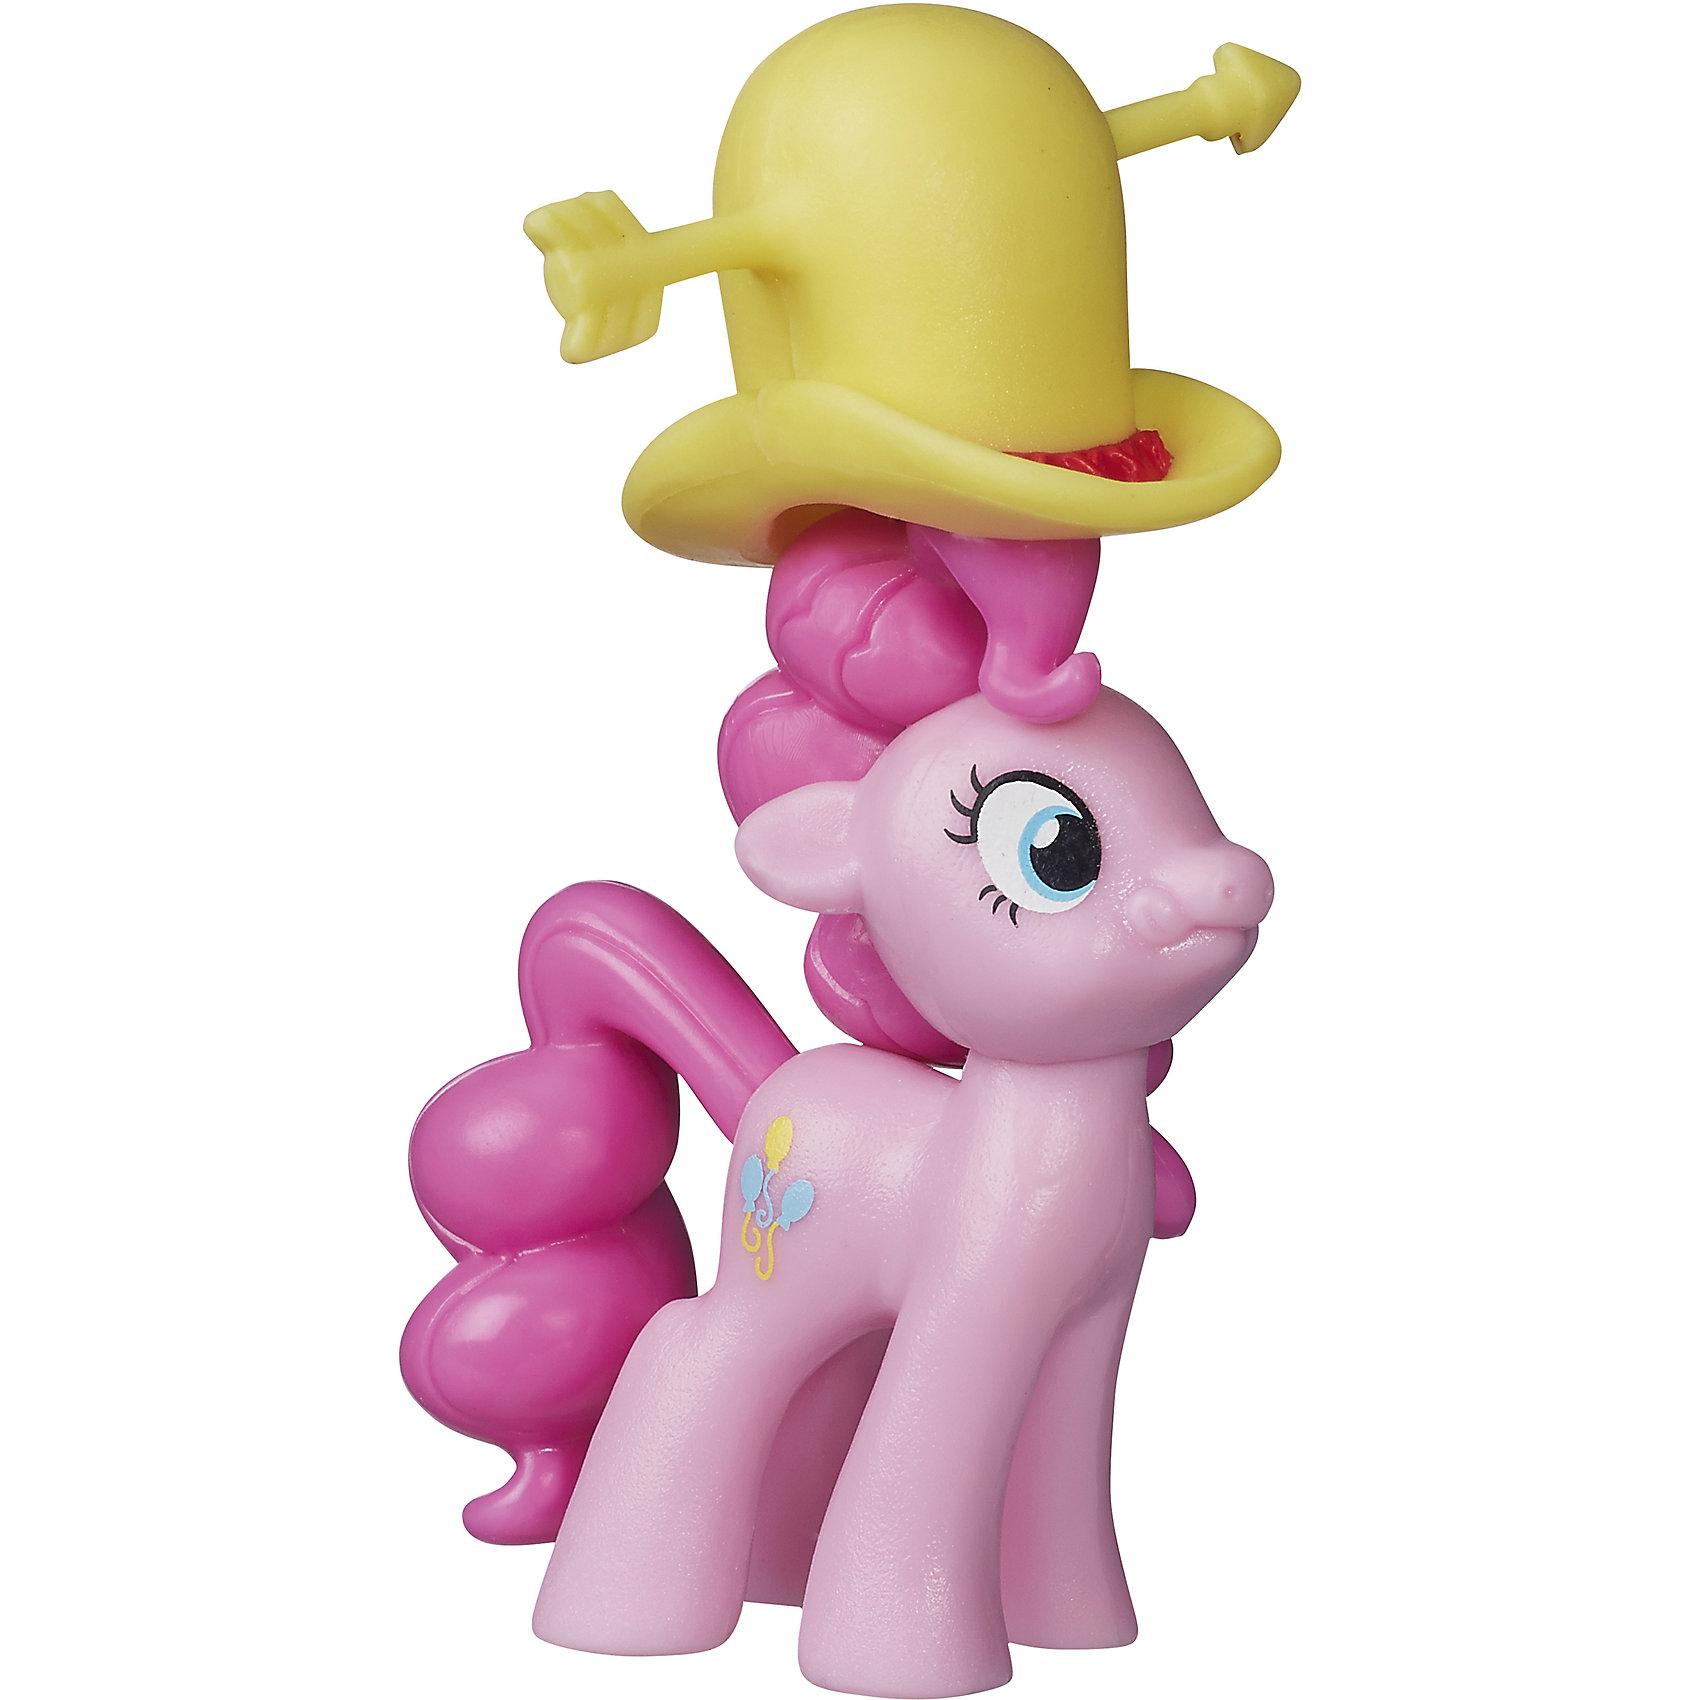 Коллекционная пони Пинки Пай, My little Pony